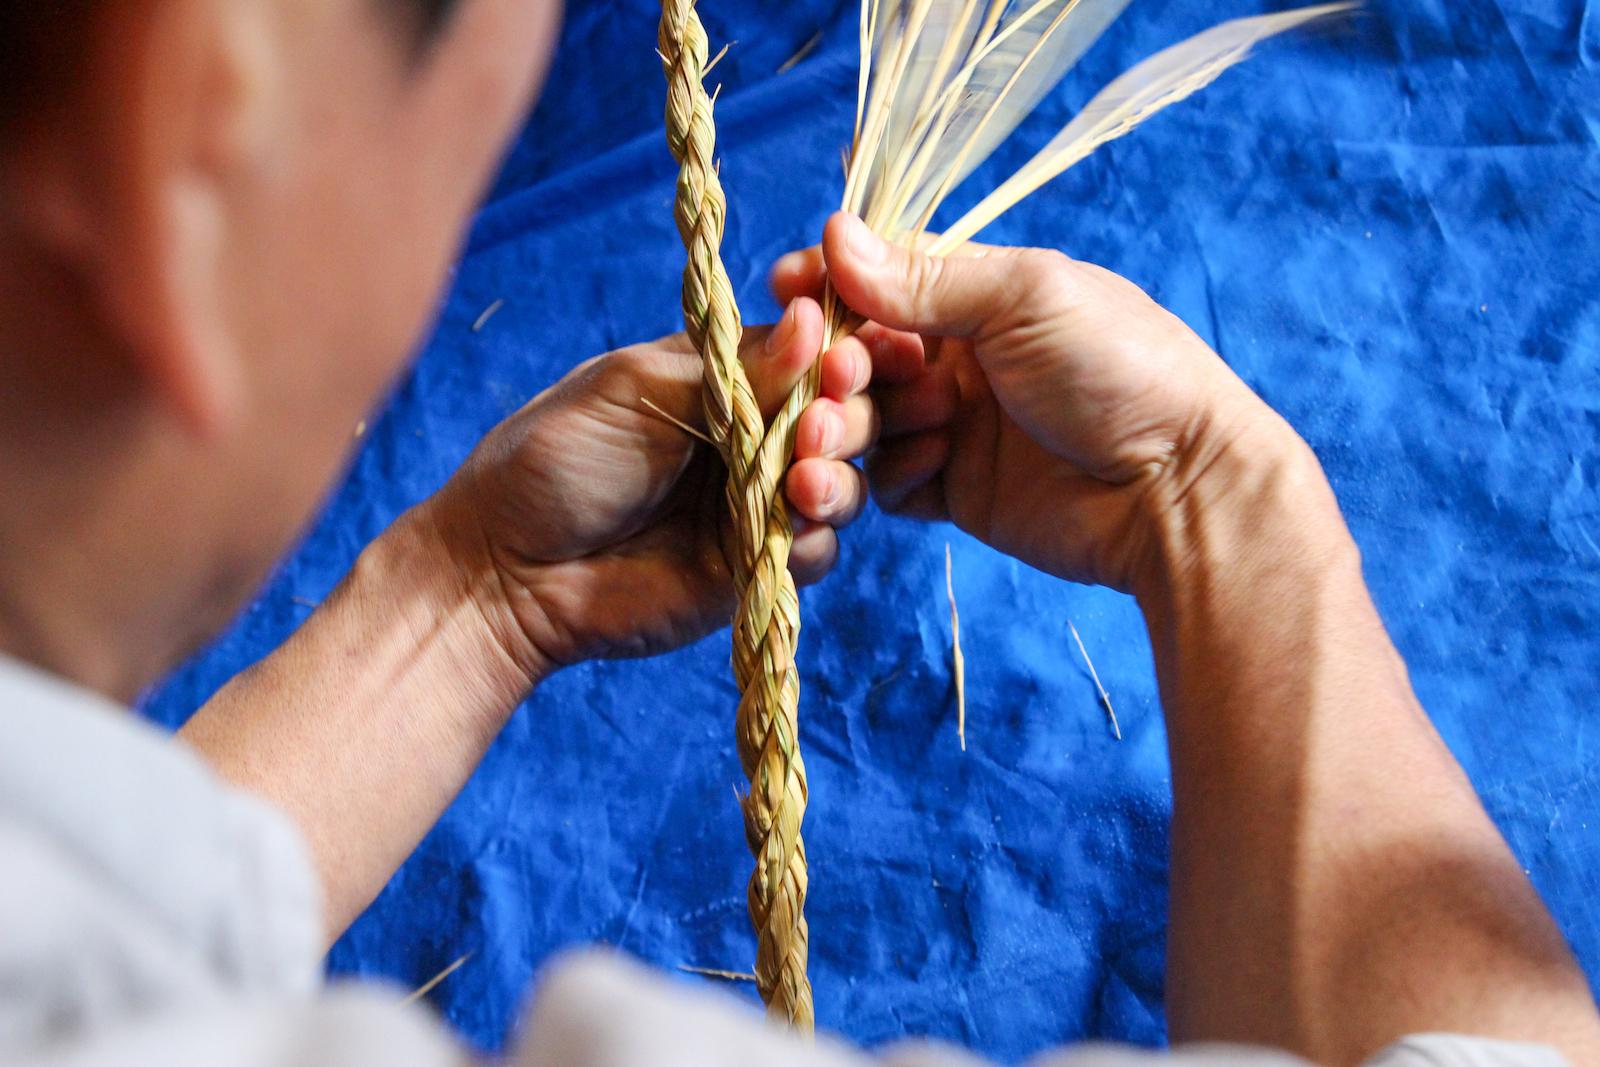 藁2束で綯った縄に3本目を螺旋状に挿して三つ縄のゴボウじめに